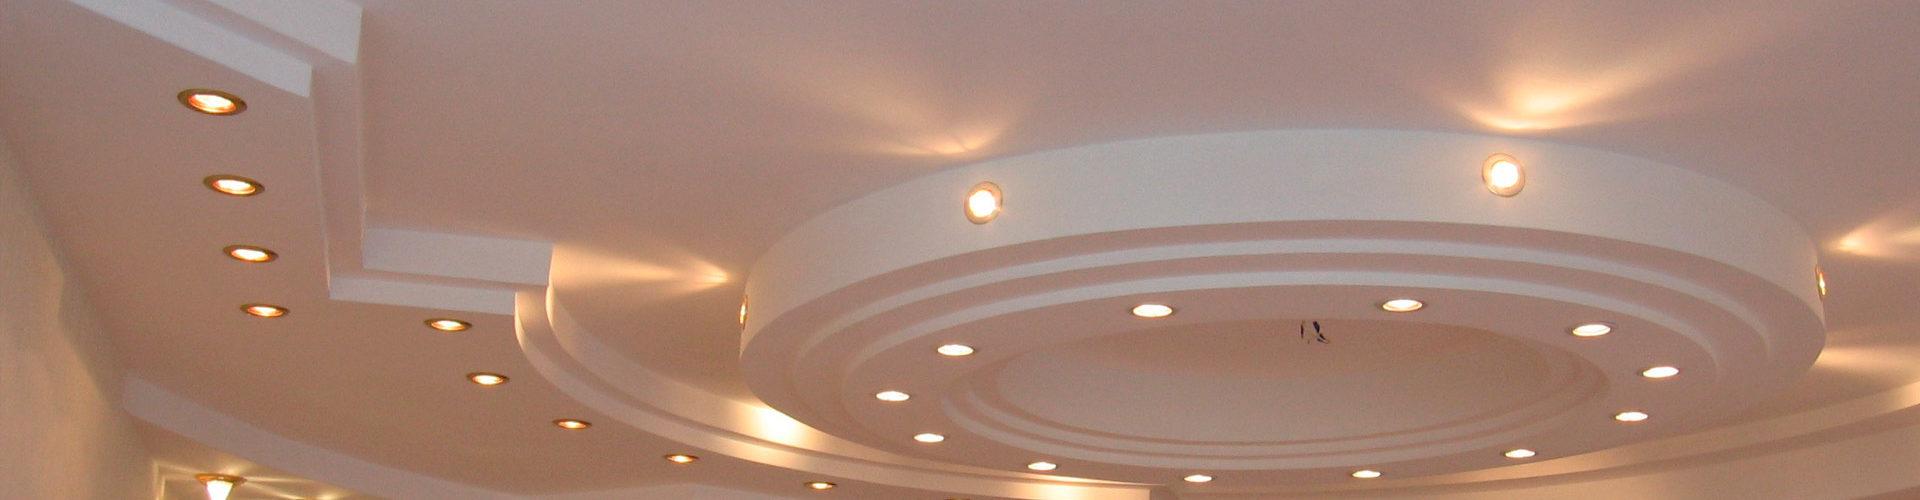 Ремонт потолков в Кишинёве